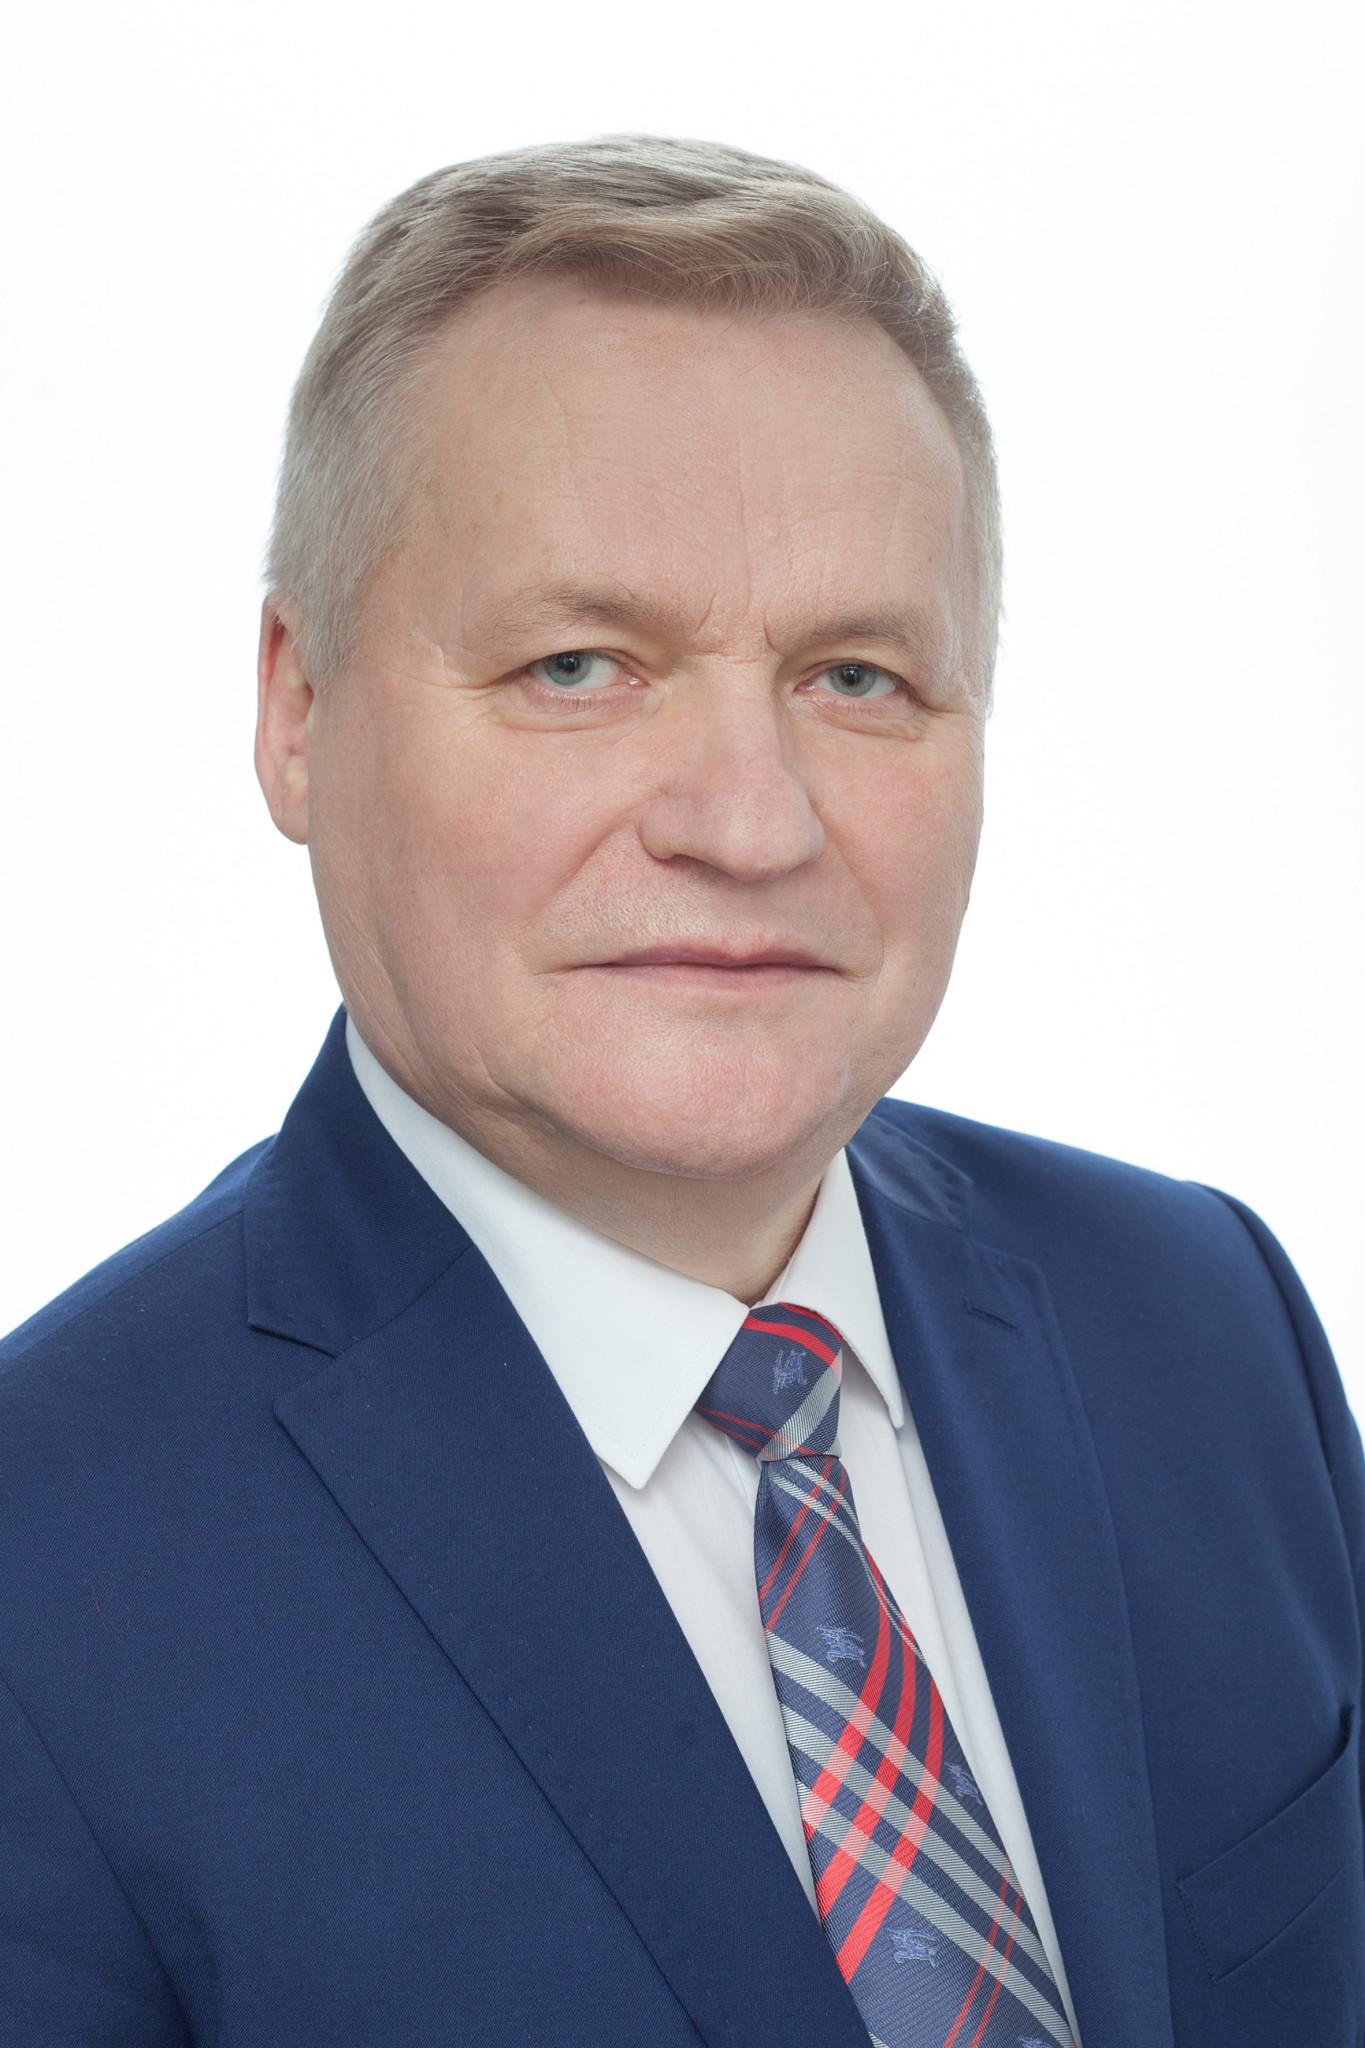 Mirosław Szuster